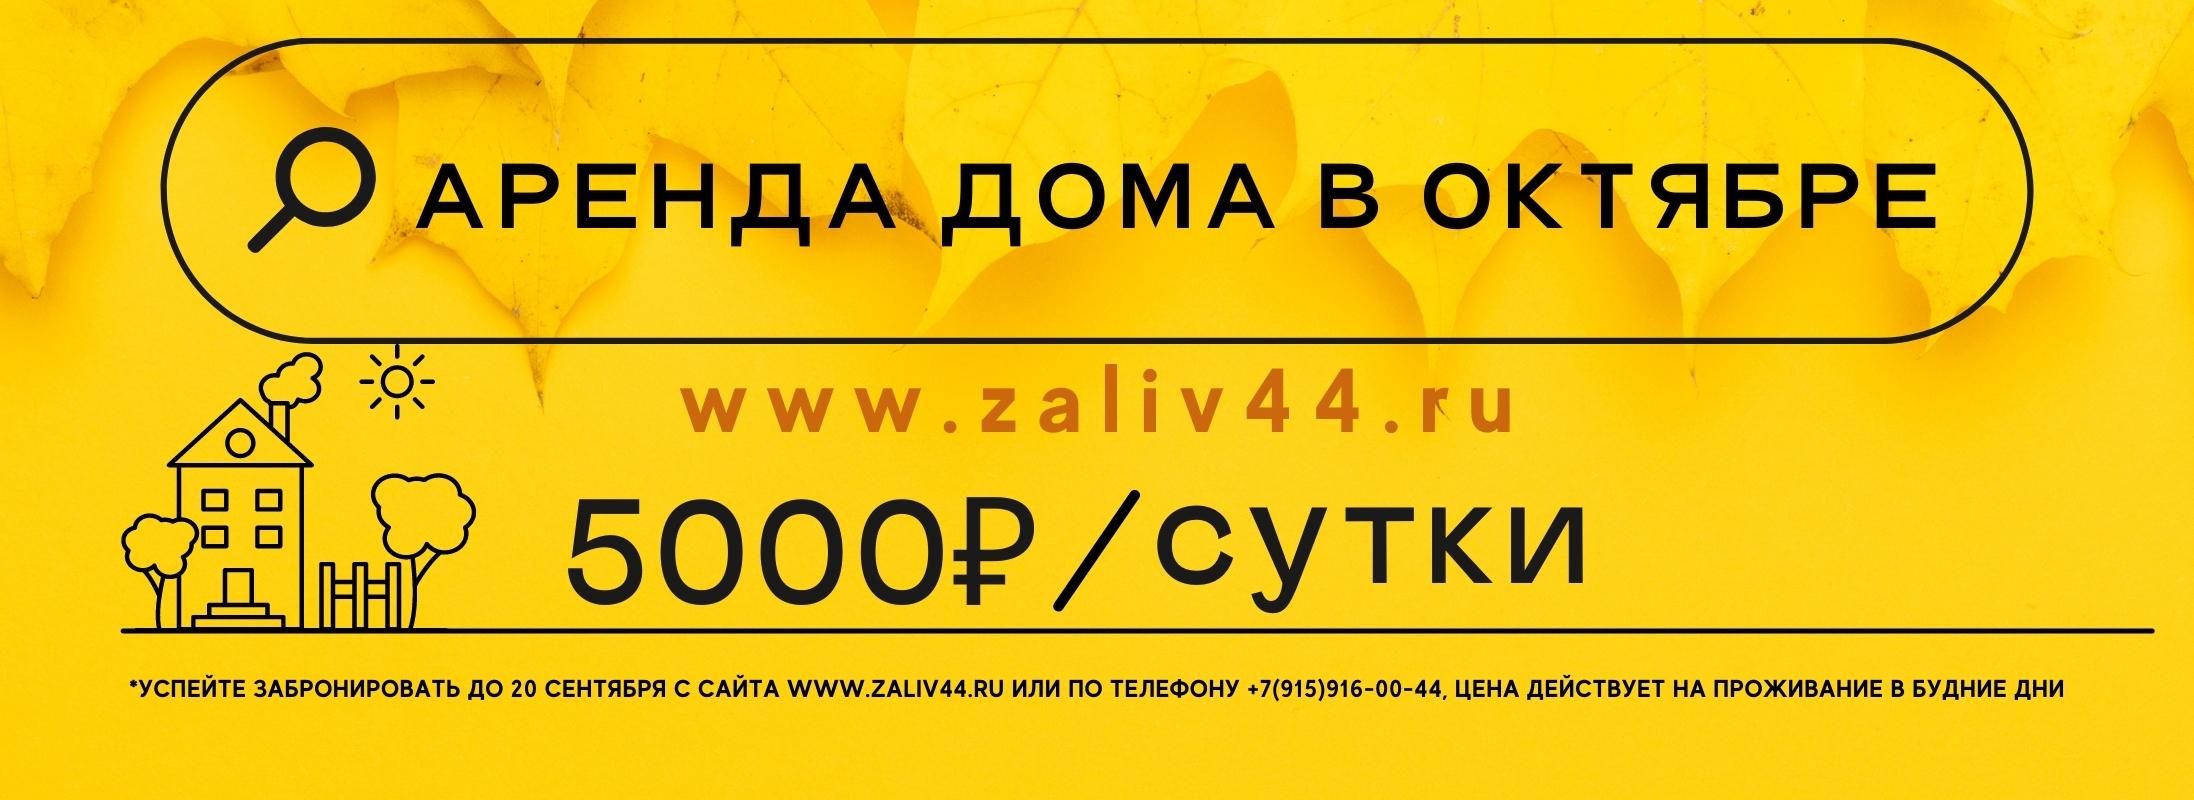 72A33546-5645-4CE2-8785-2E0590DF2913